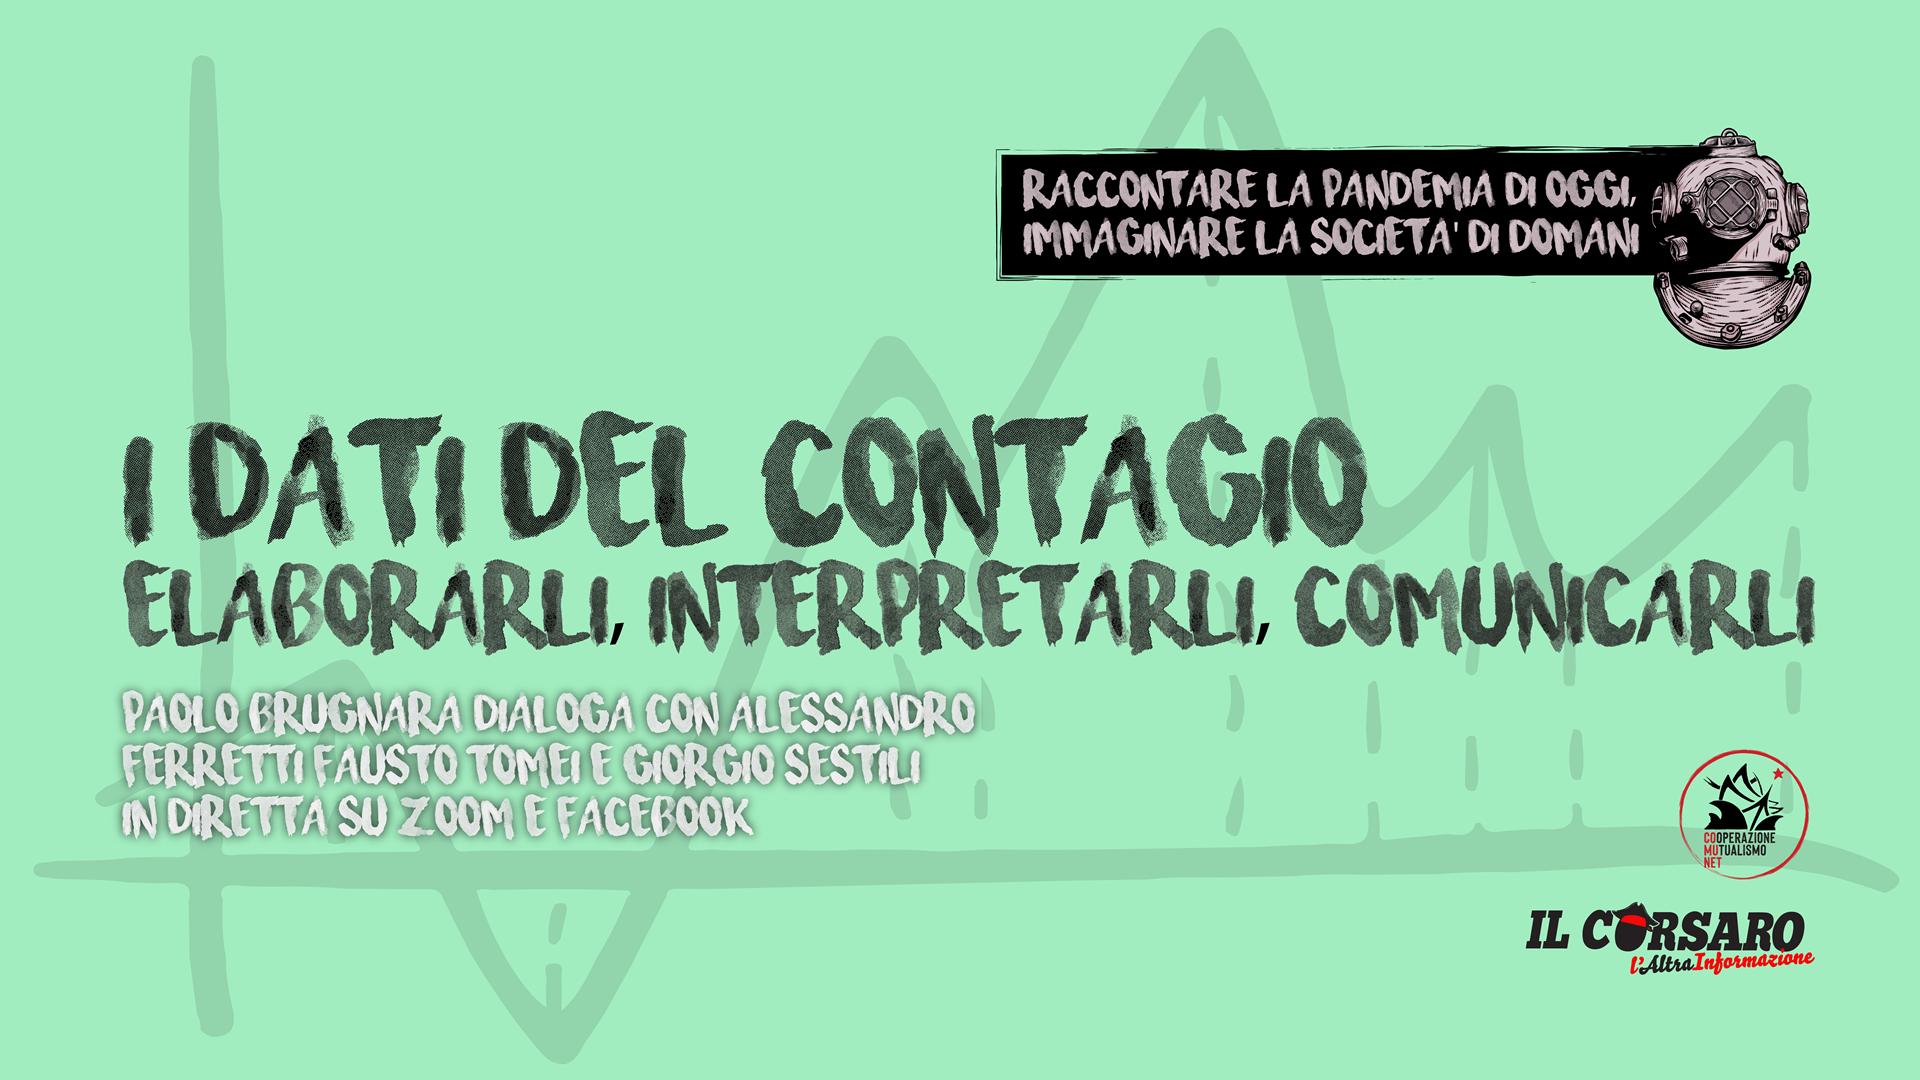 I dati del contagio: elaborarli, interpretarli, comunicarli